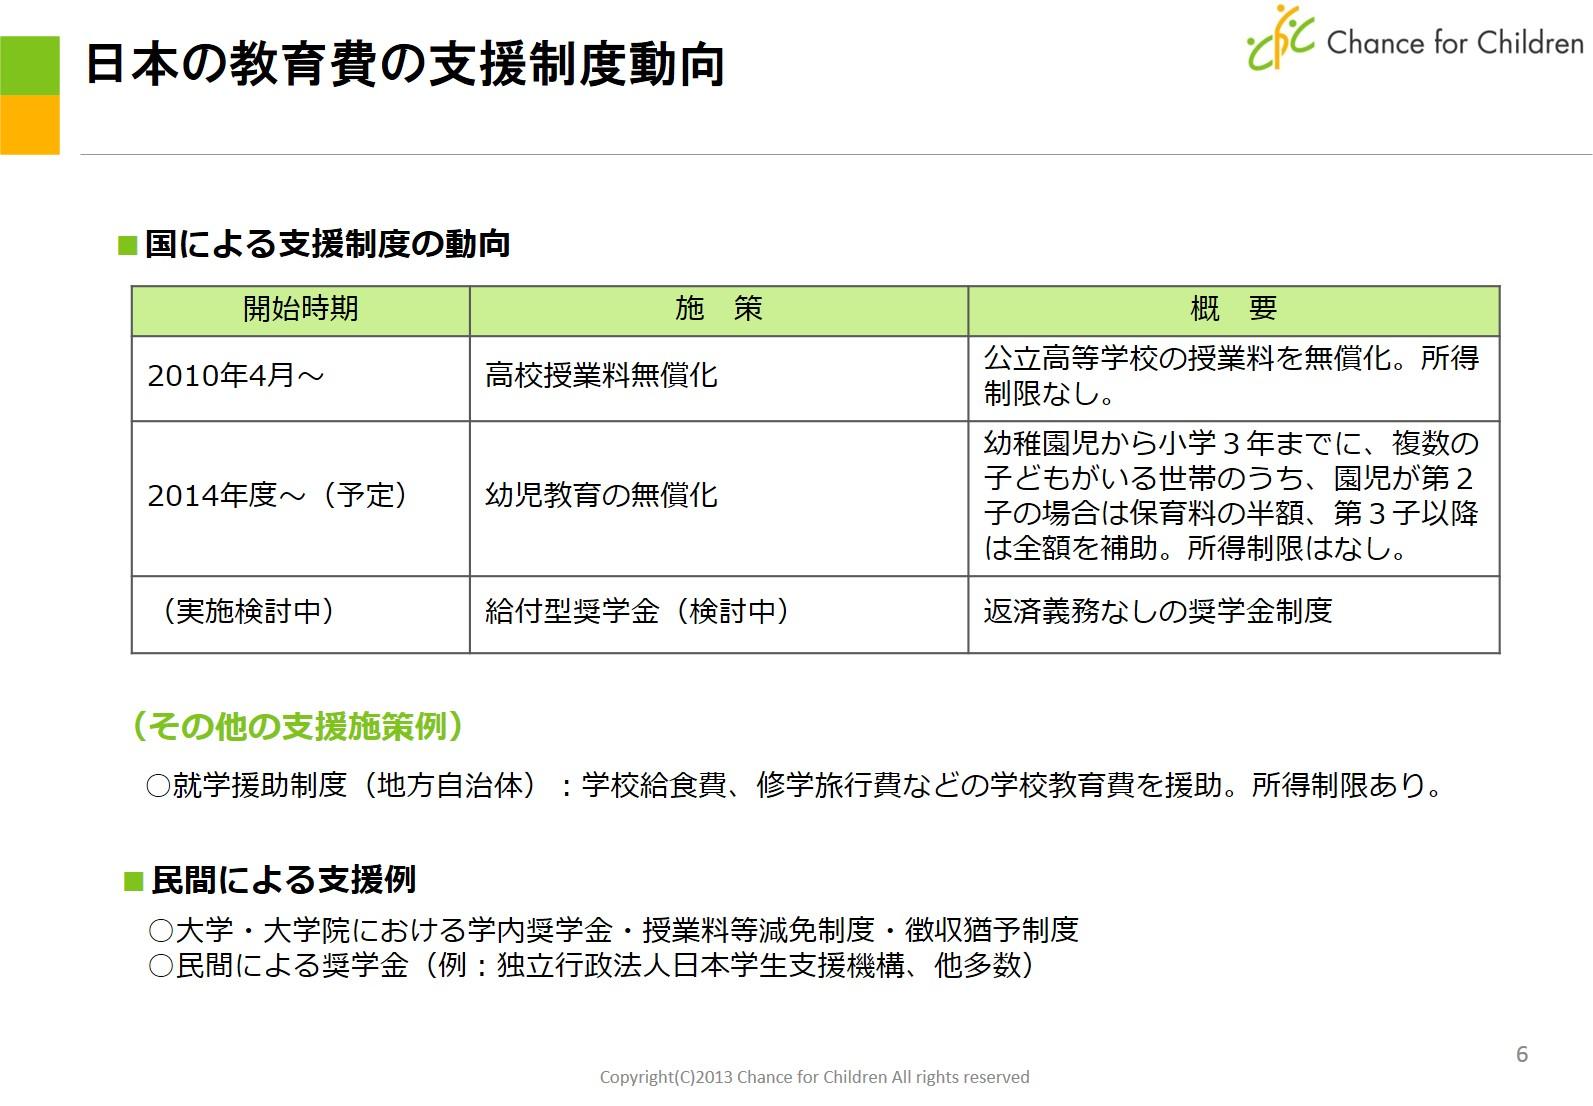 日本の教育費の支援制度